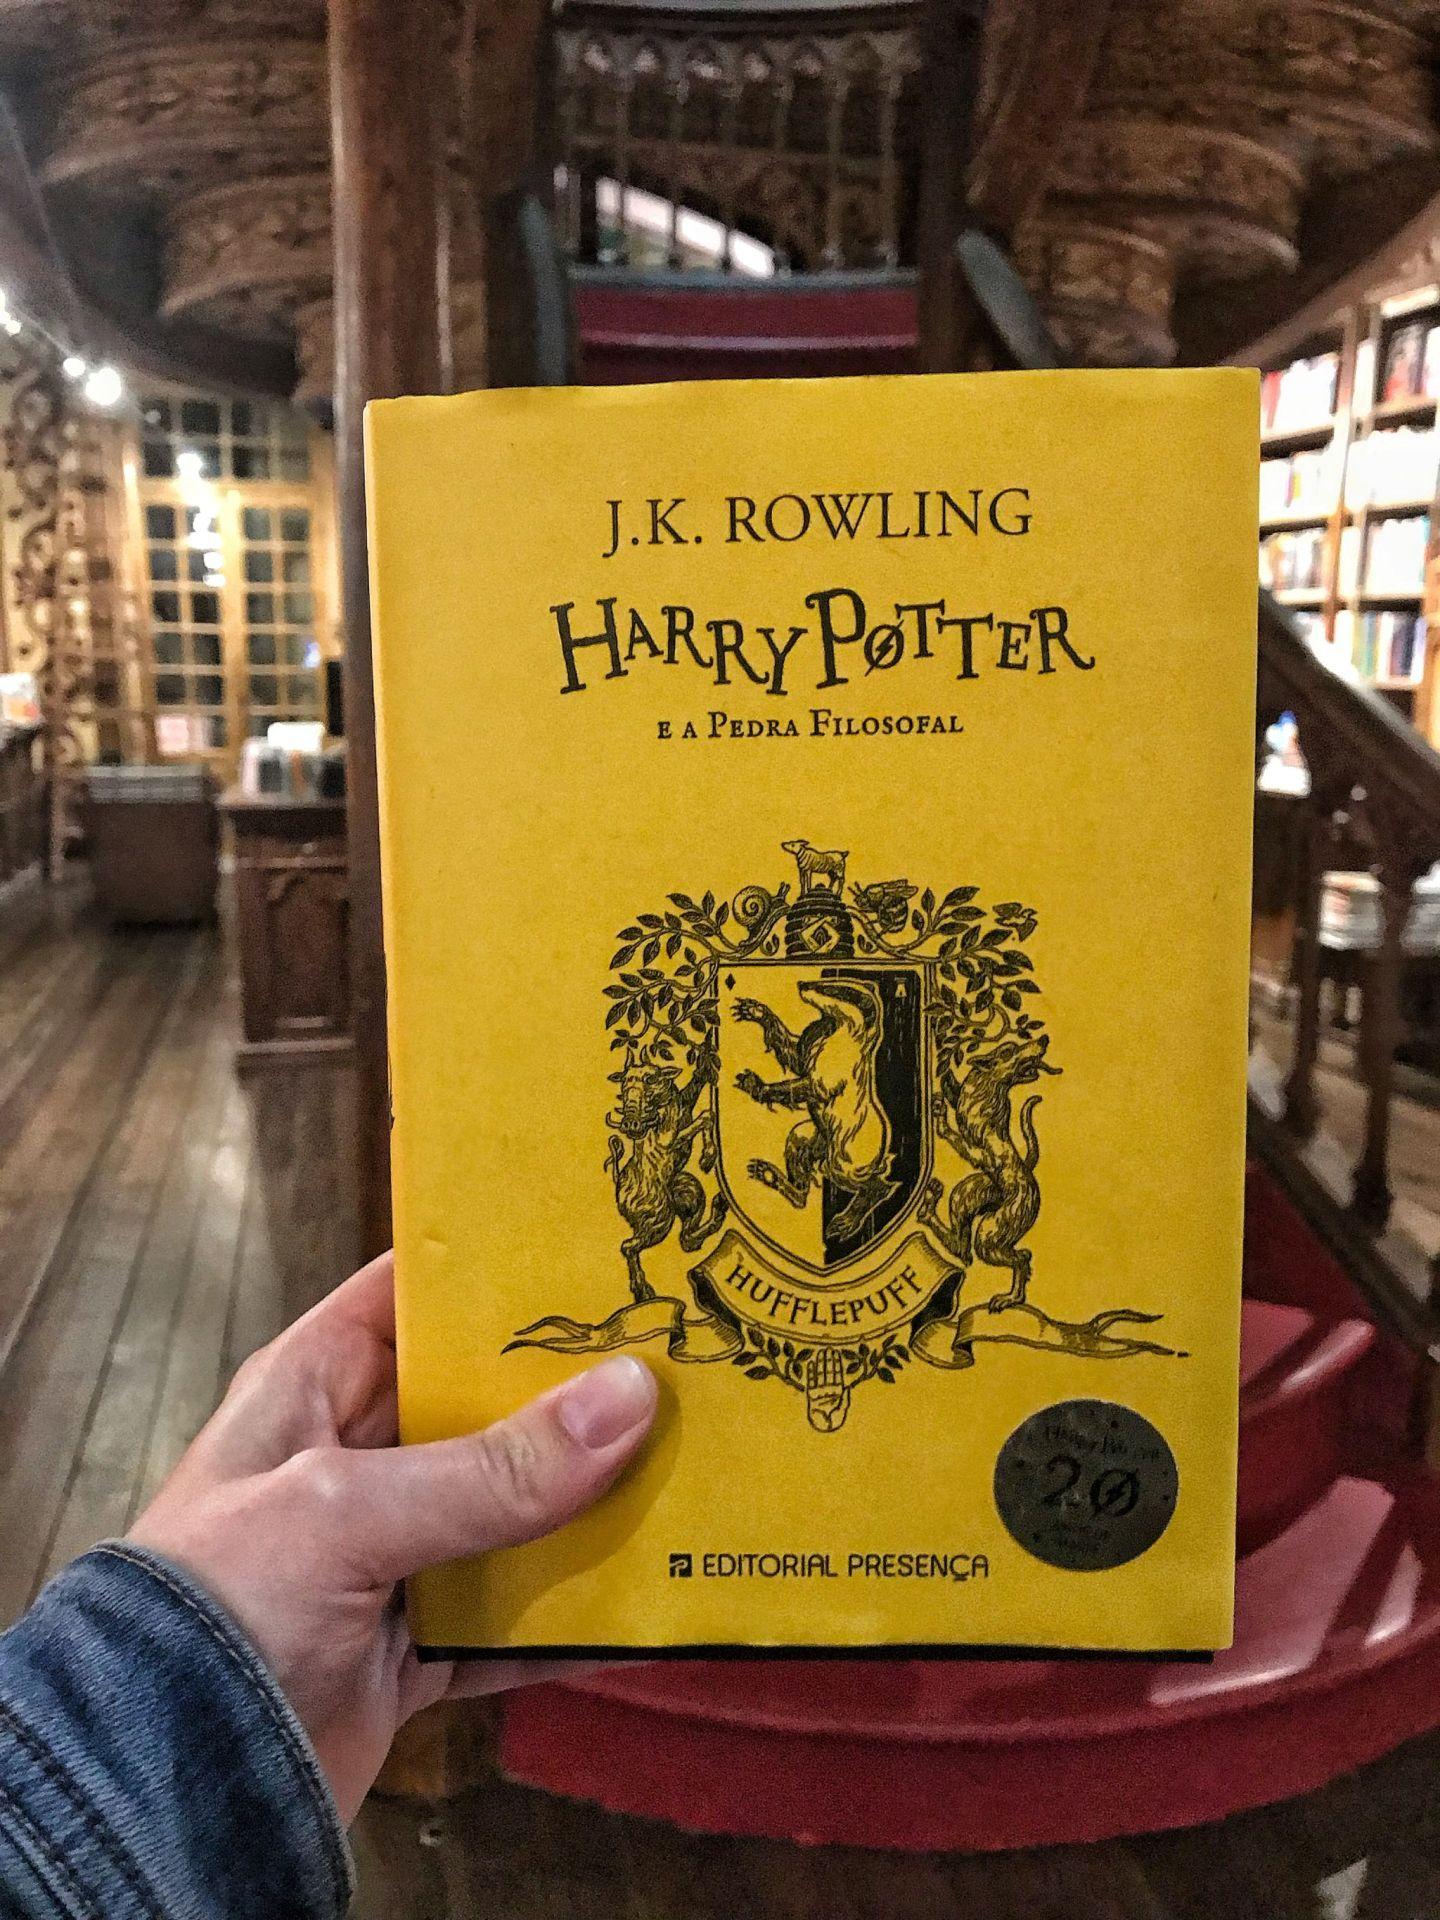 Harry Potter at Livraria Lello Book store Porto